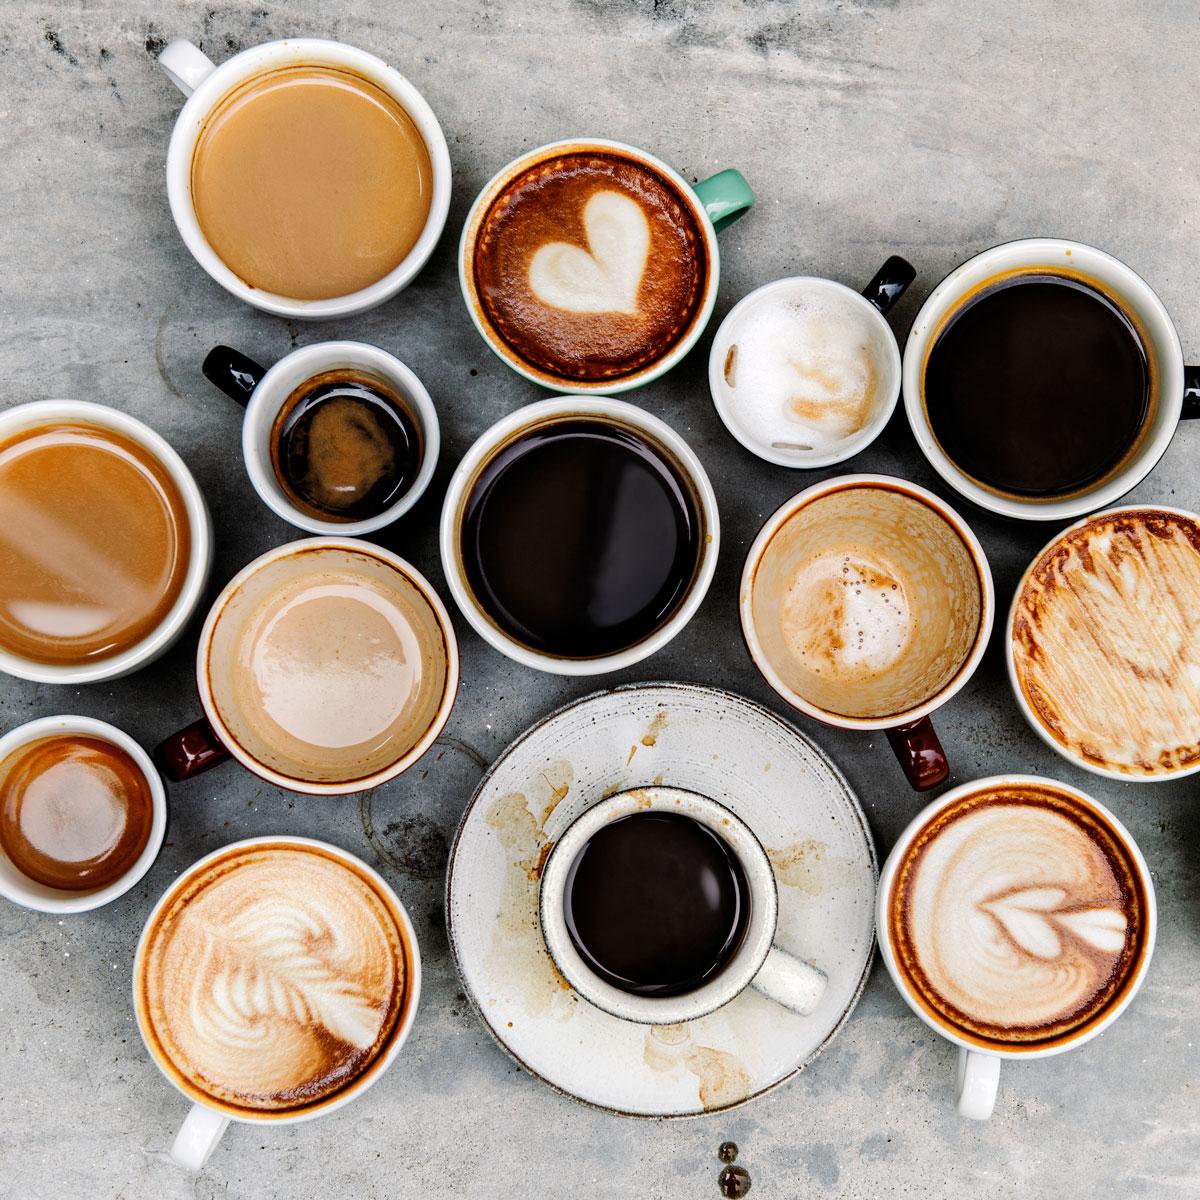 ¿A qué hora conviene tomar el café?